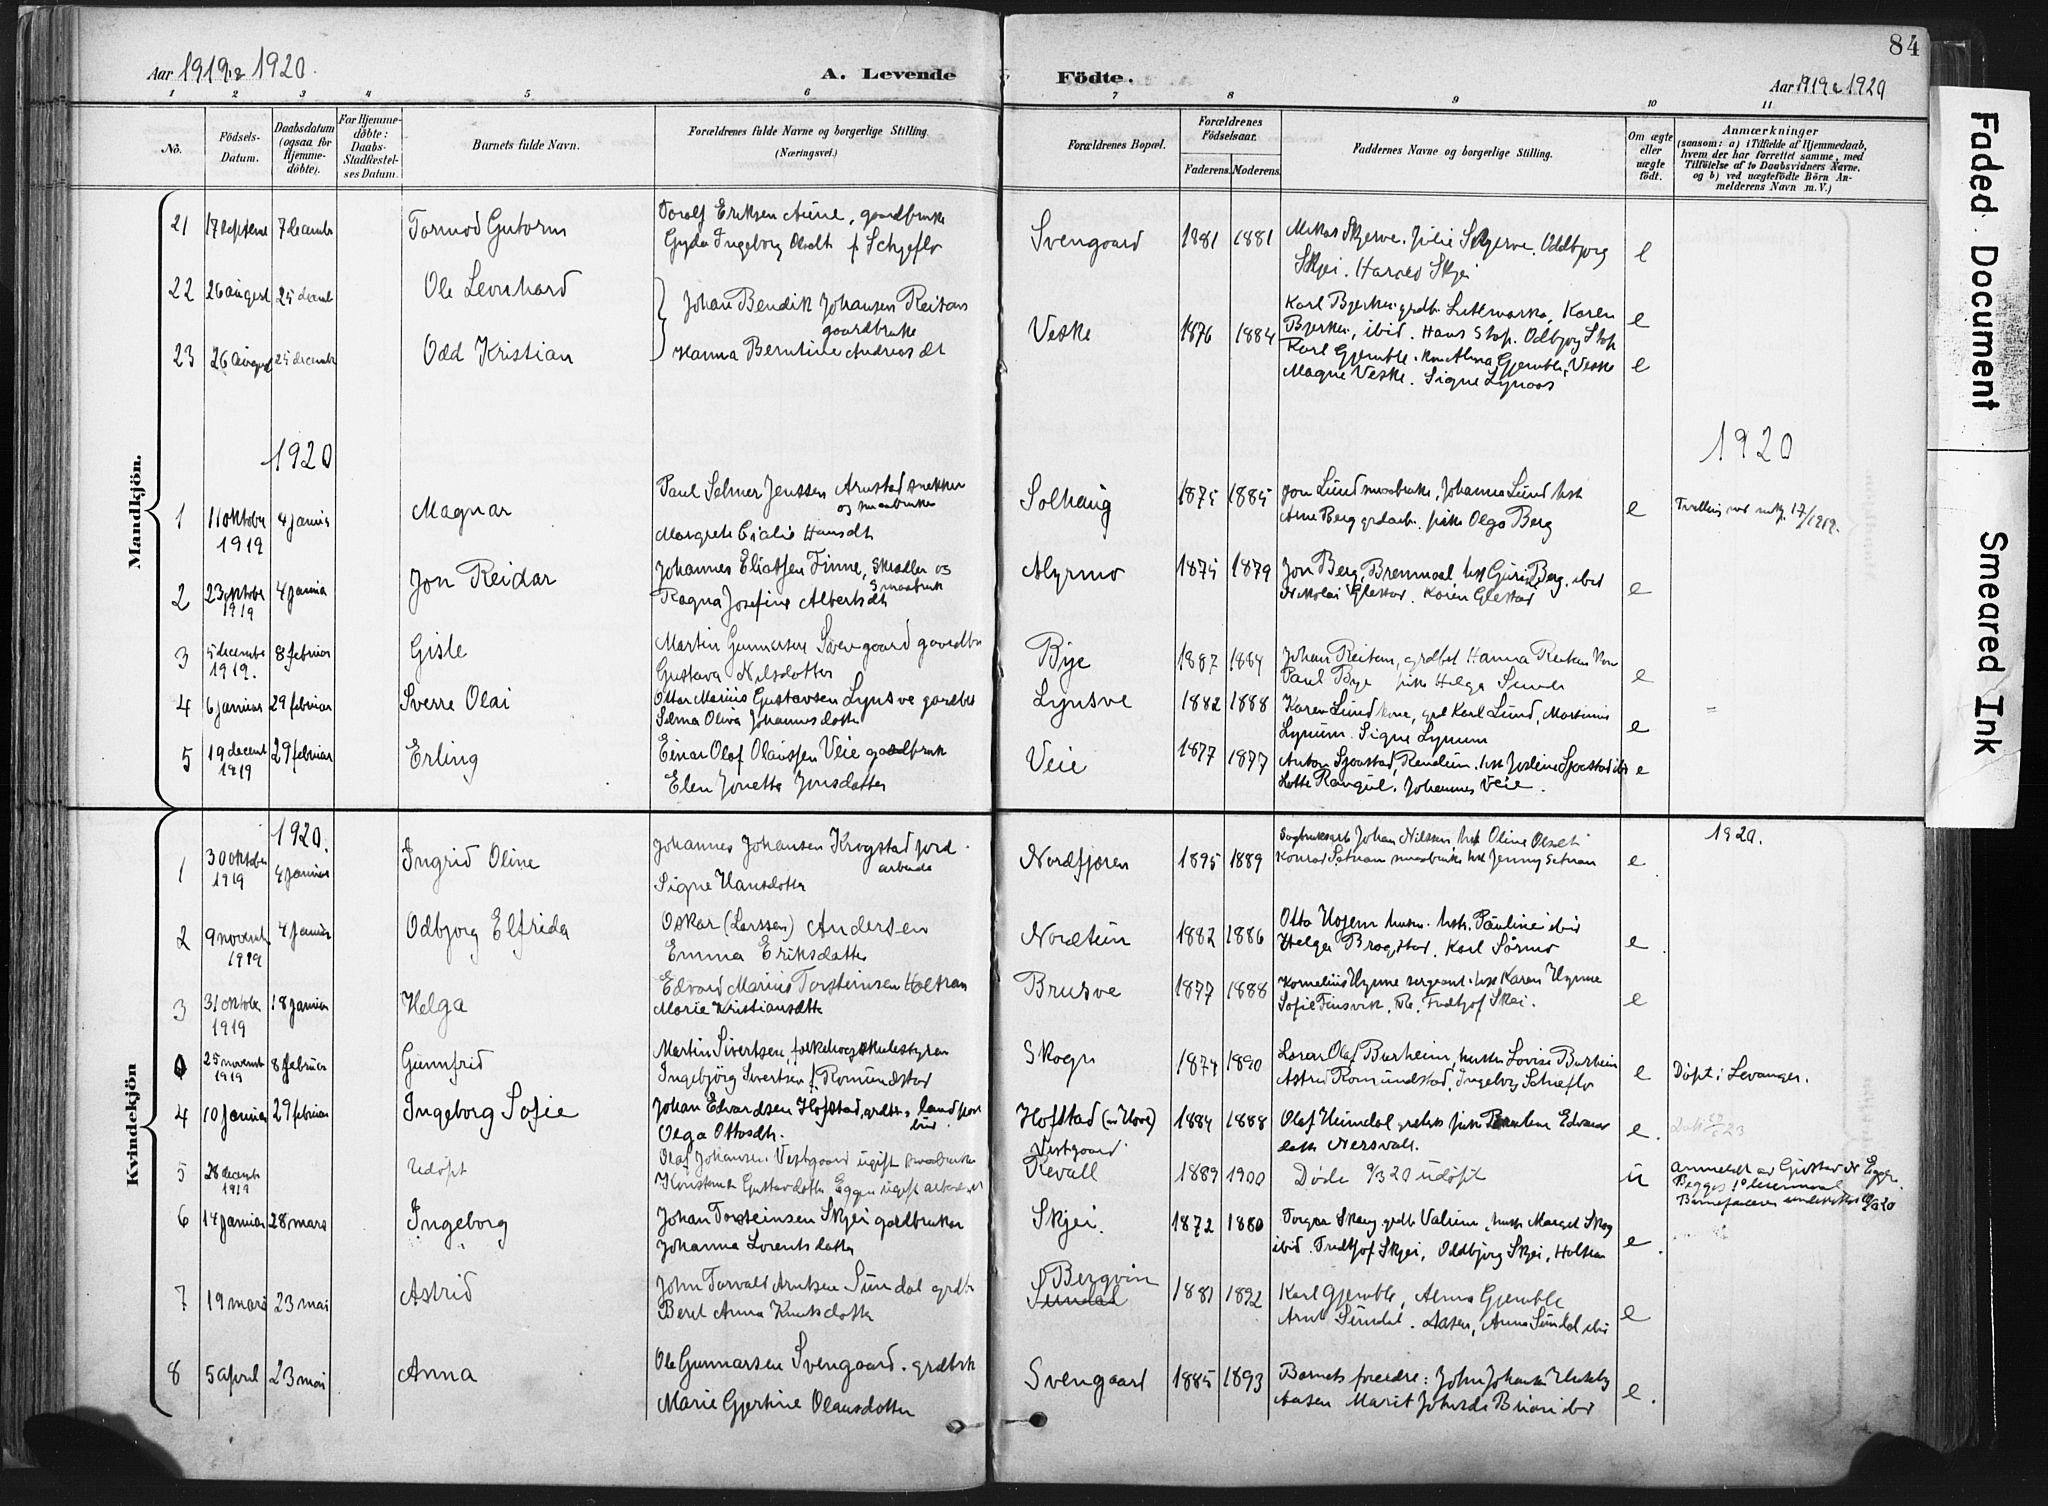 SAT, Ministerialprotokoller, klokkerbøker og fødselsregistre - Nord-Trøndelag, 717/L0162: Ministerialbok nr. 717A12, 1898-1923, s. 84